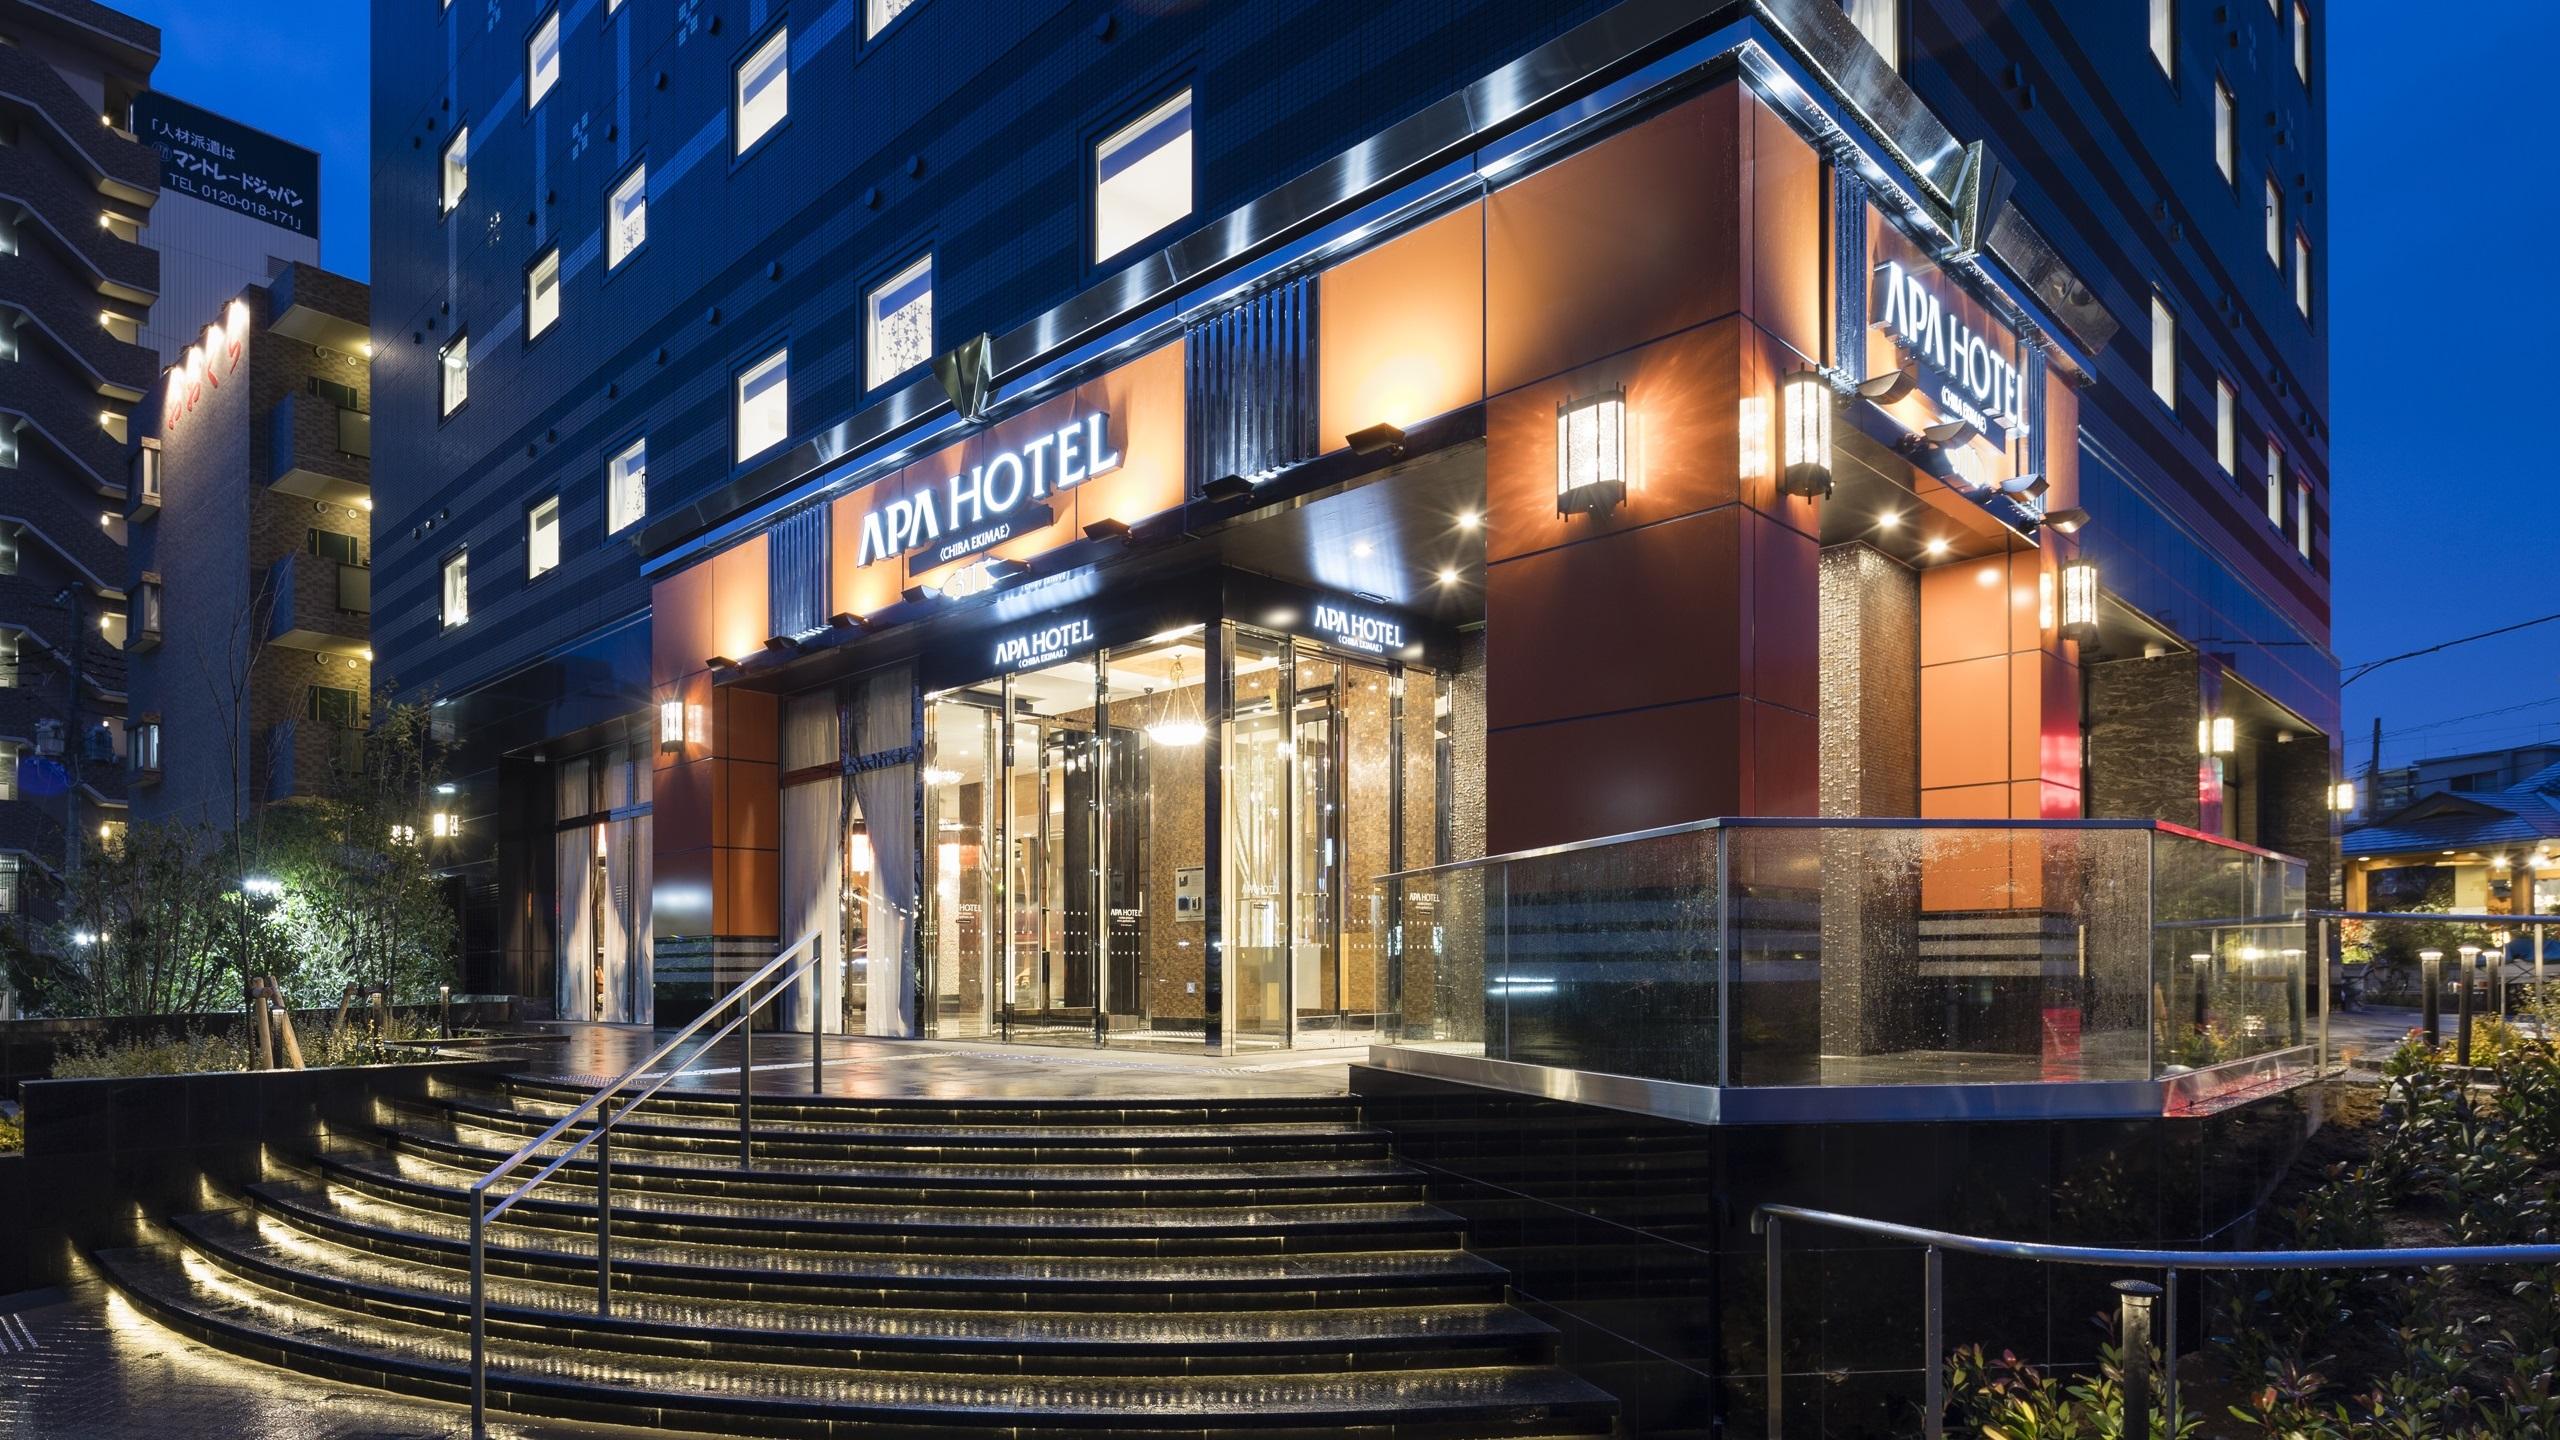 アパホテル<千葉駅前>(全室禁煙)2020年3月17日開業予定